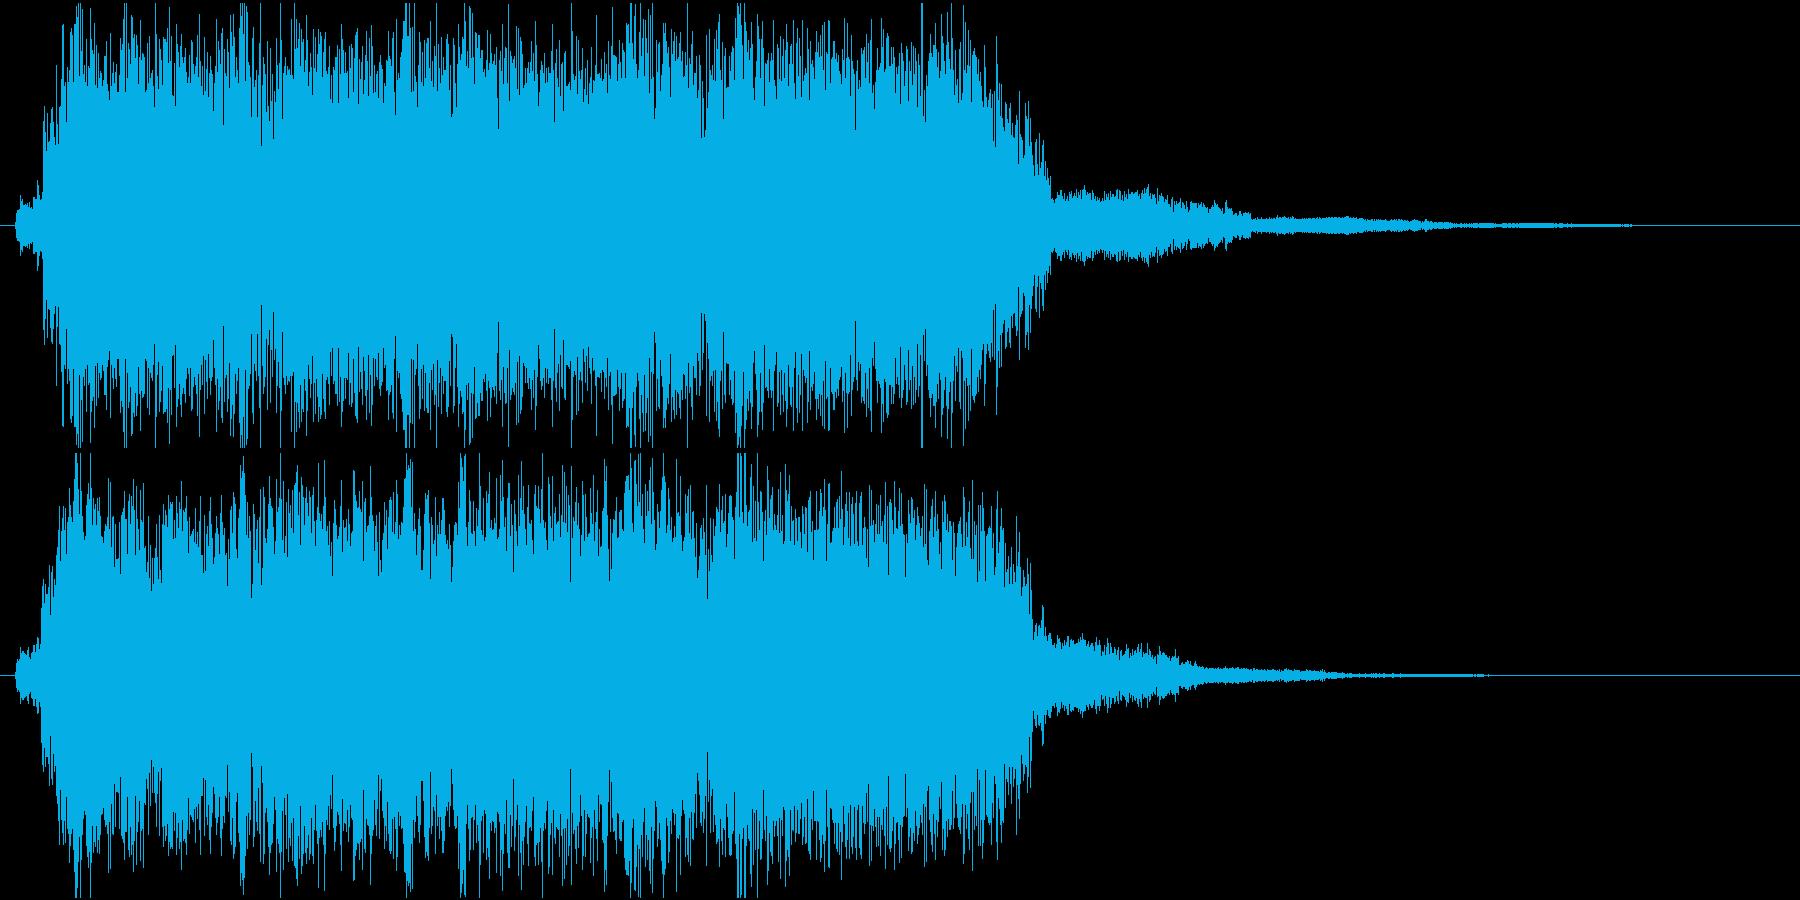 ガッツのあるギターリフのジングルの再生済みの波形